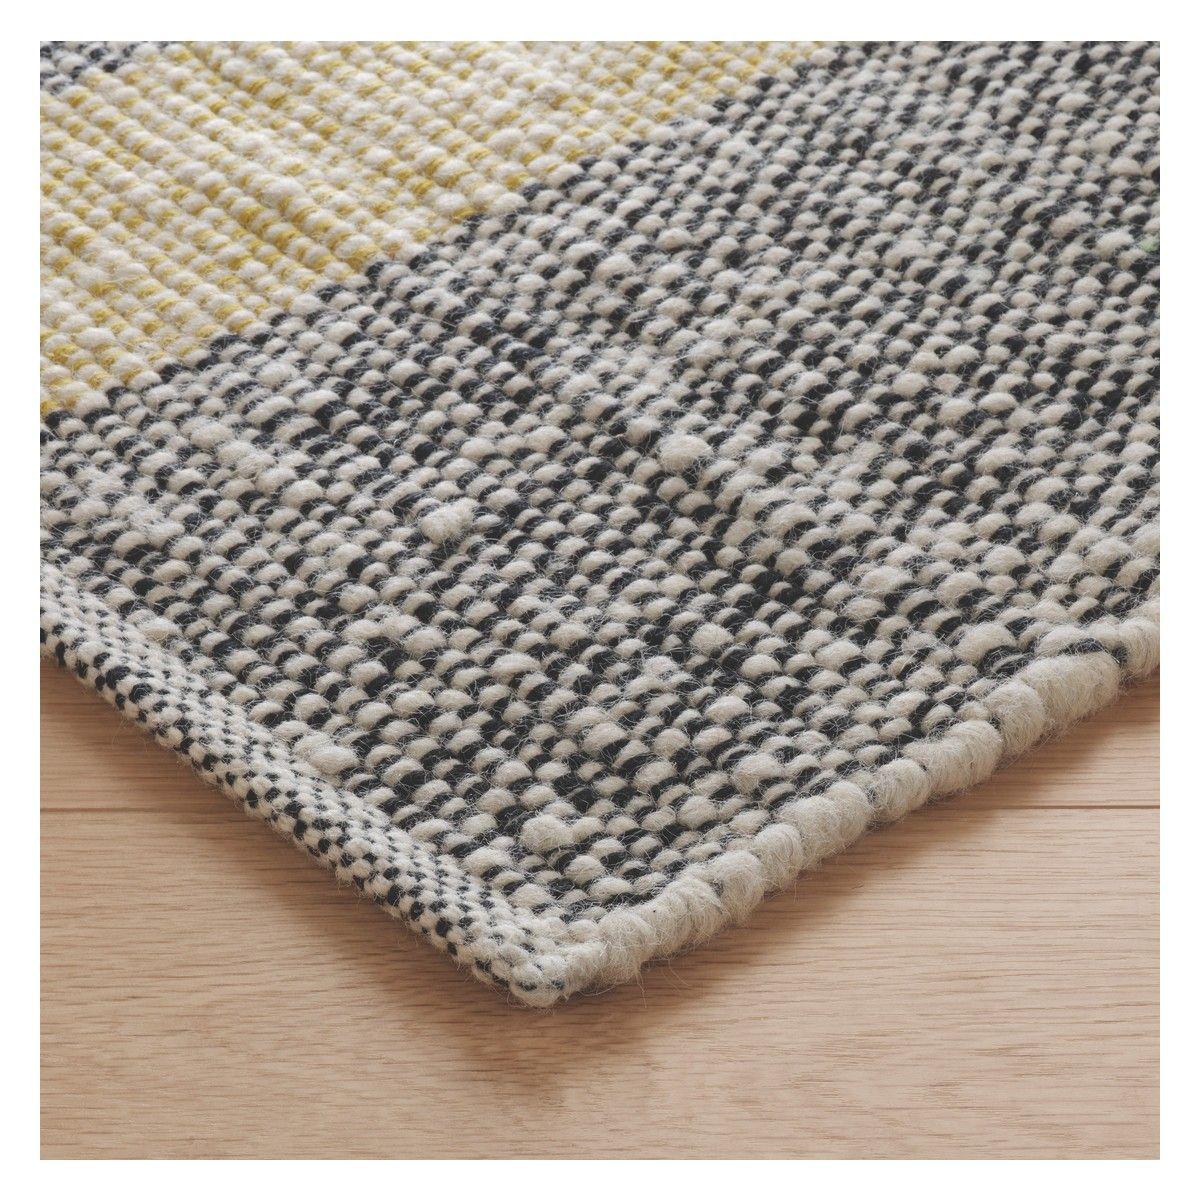 Striped Wool Rugs Uk - Rugs Ideas